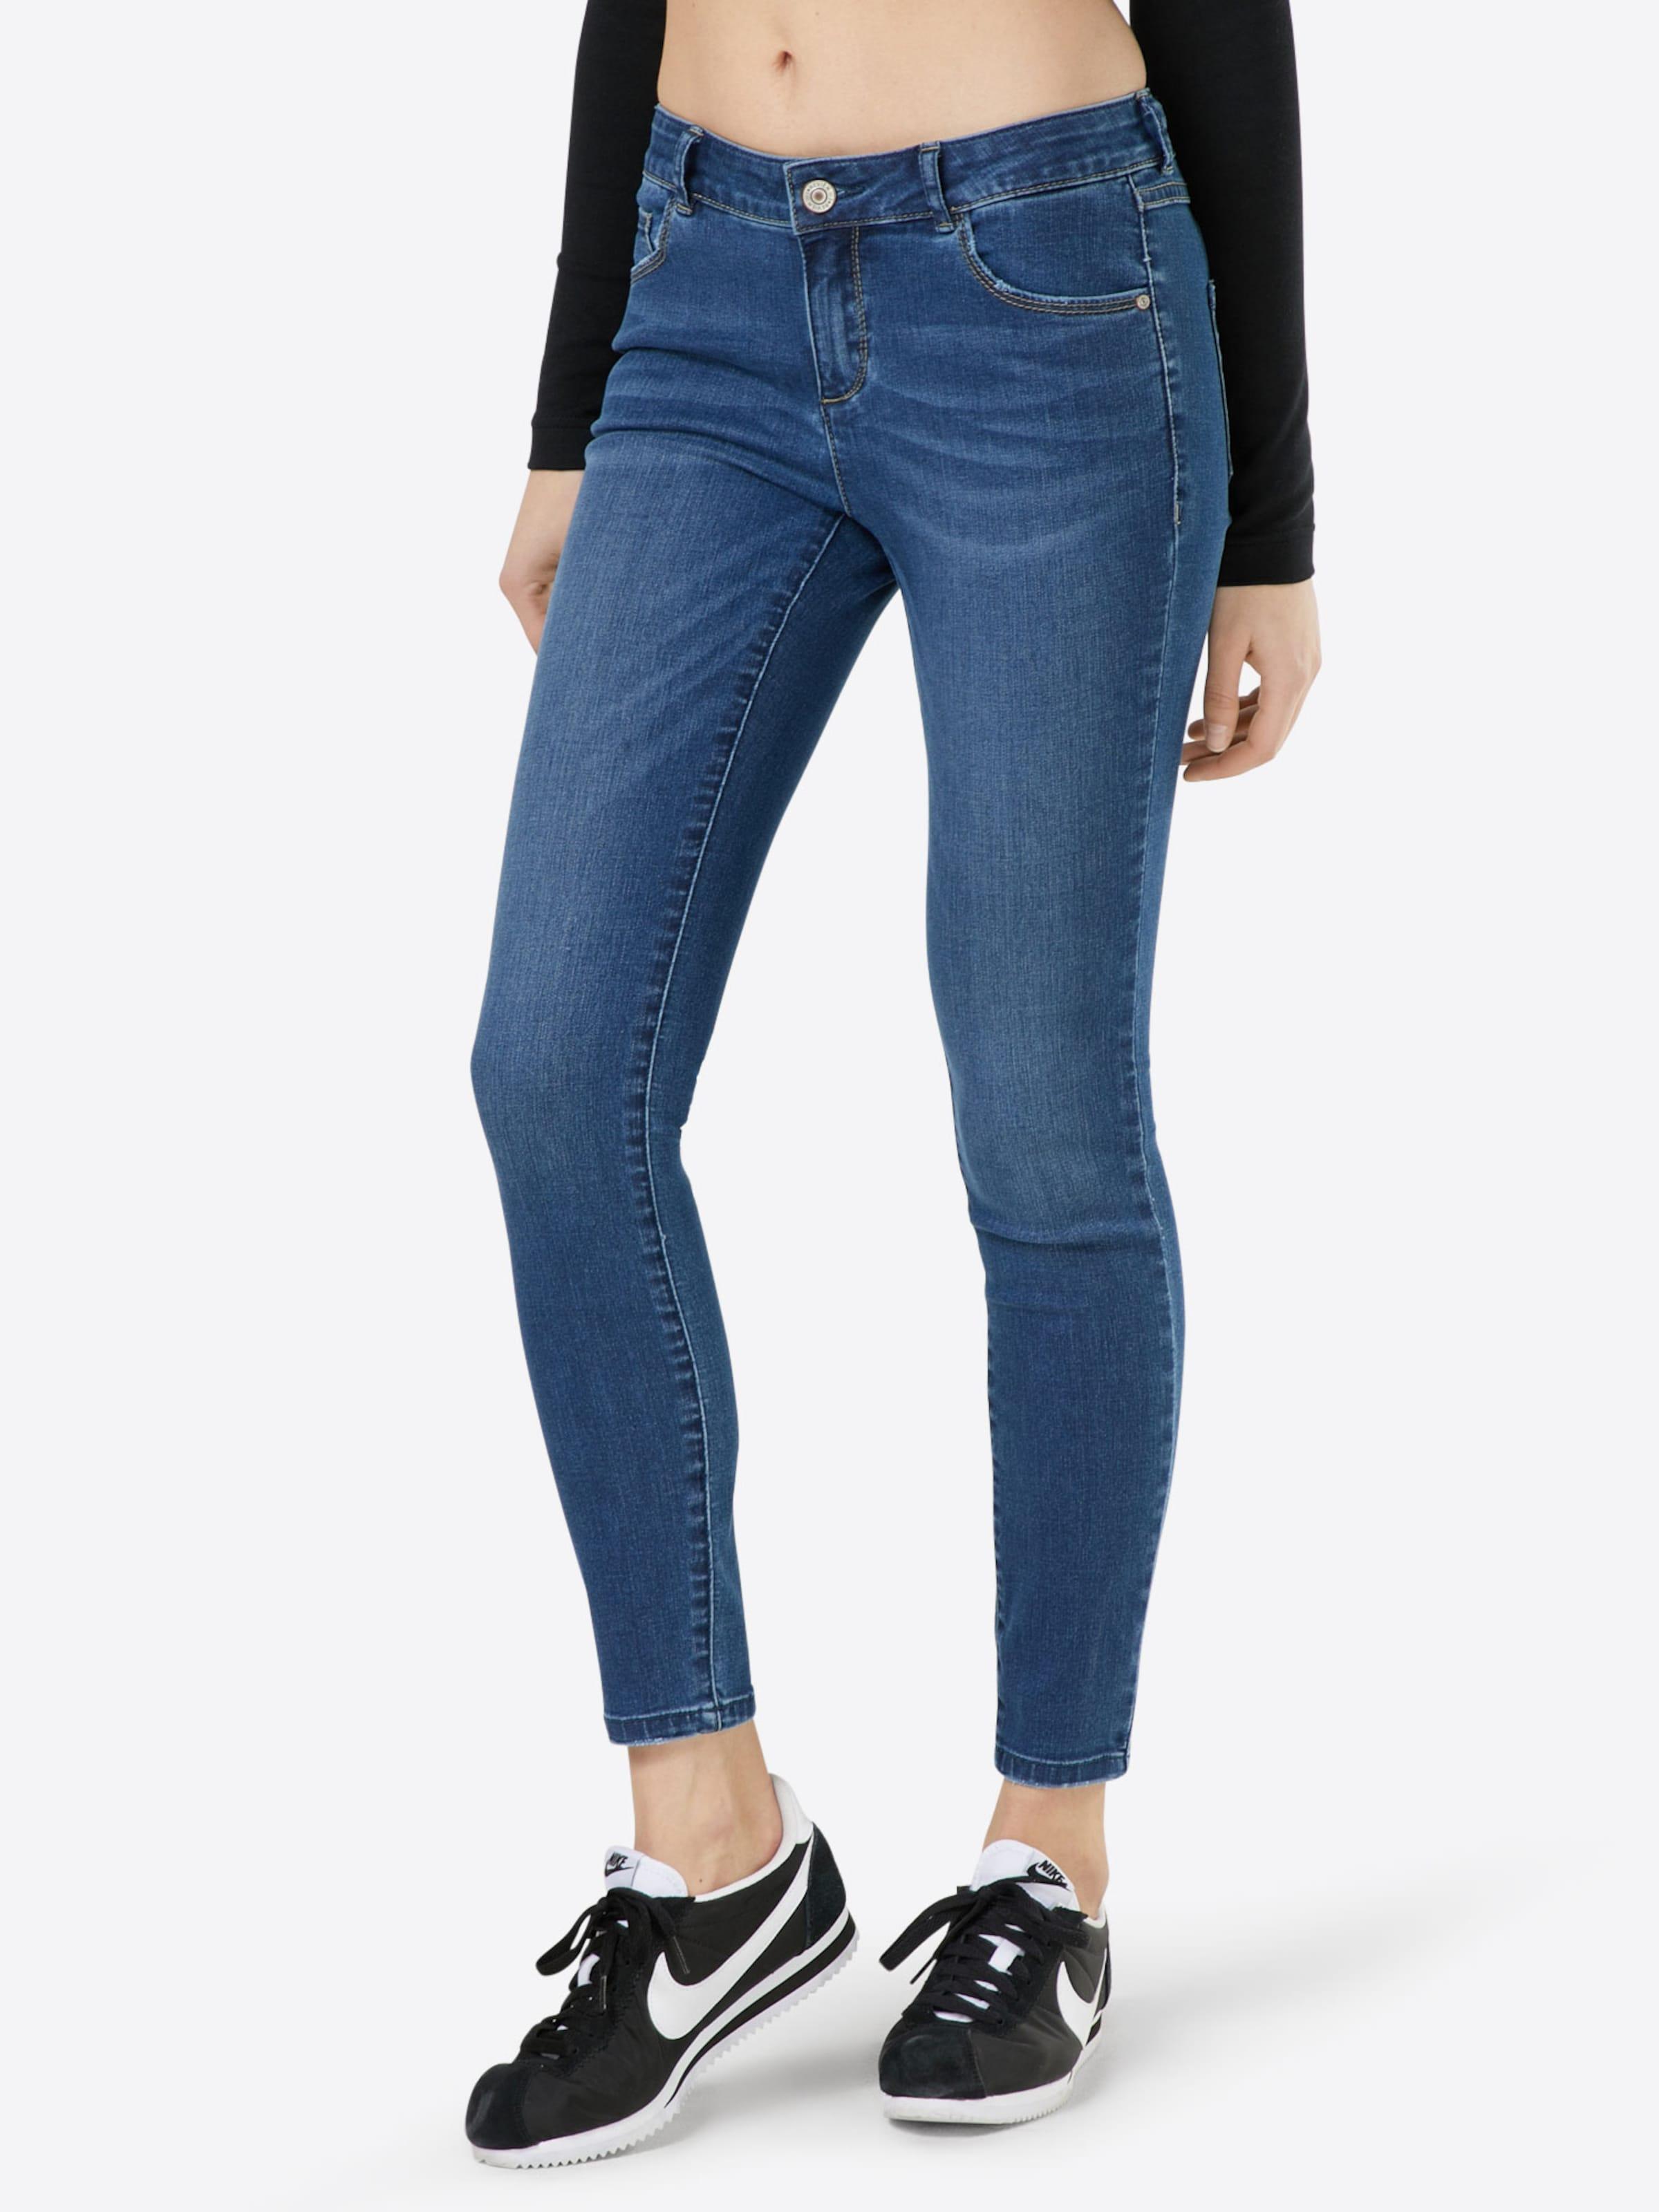 Erhalten Zum Verkauf Wählen Sie Einen Besten Online-Verkauf Review 'Minnie' Jeans Online Günstig Online ZjjsNcHS06